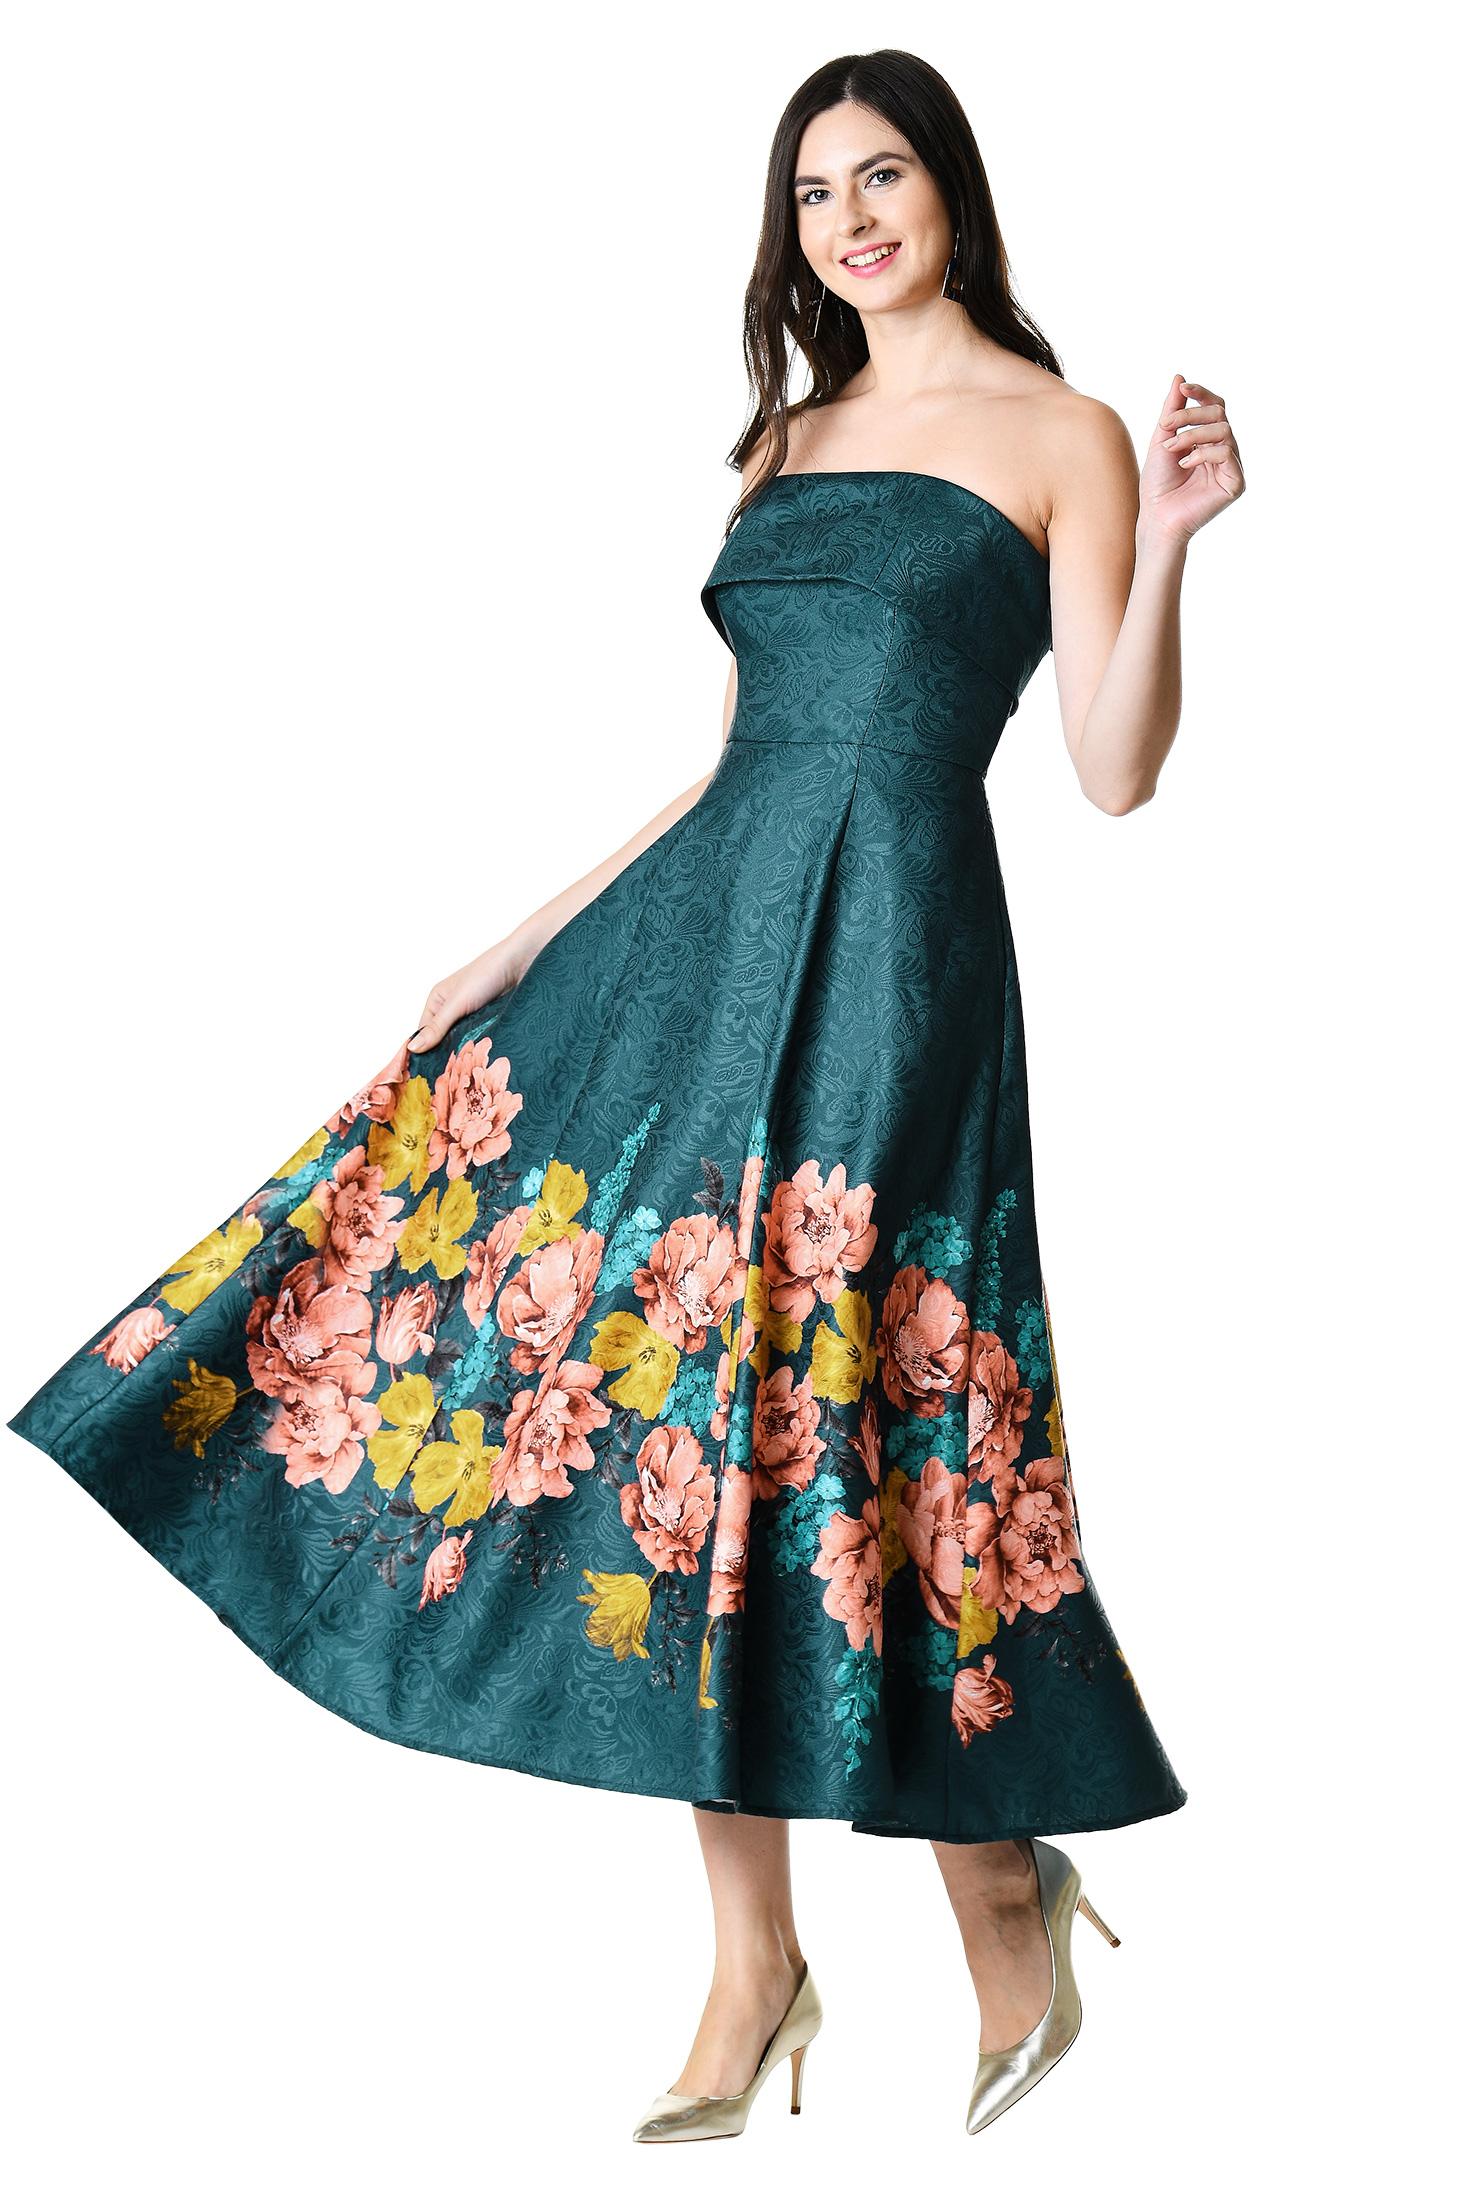 Women s Fashion Clothing 0-36W and Custom 05f6f64a0